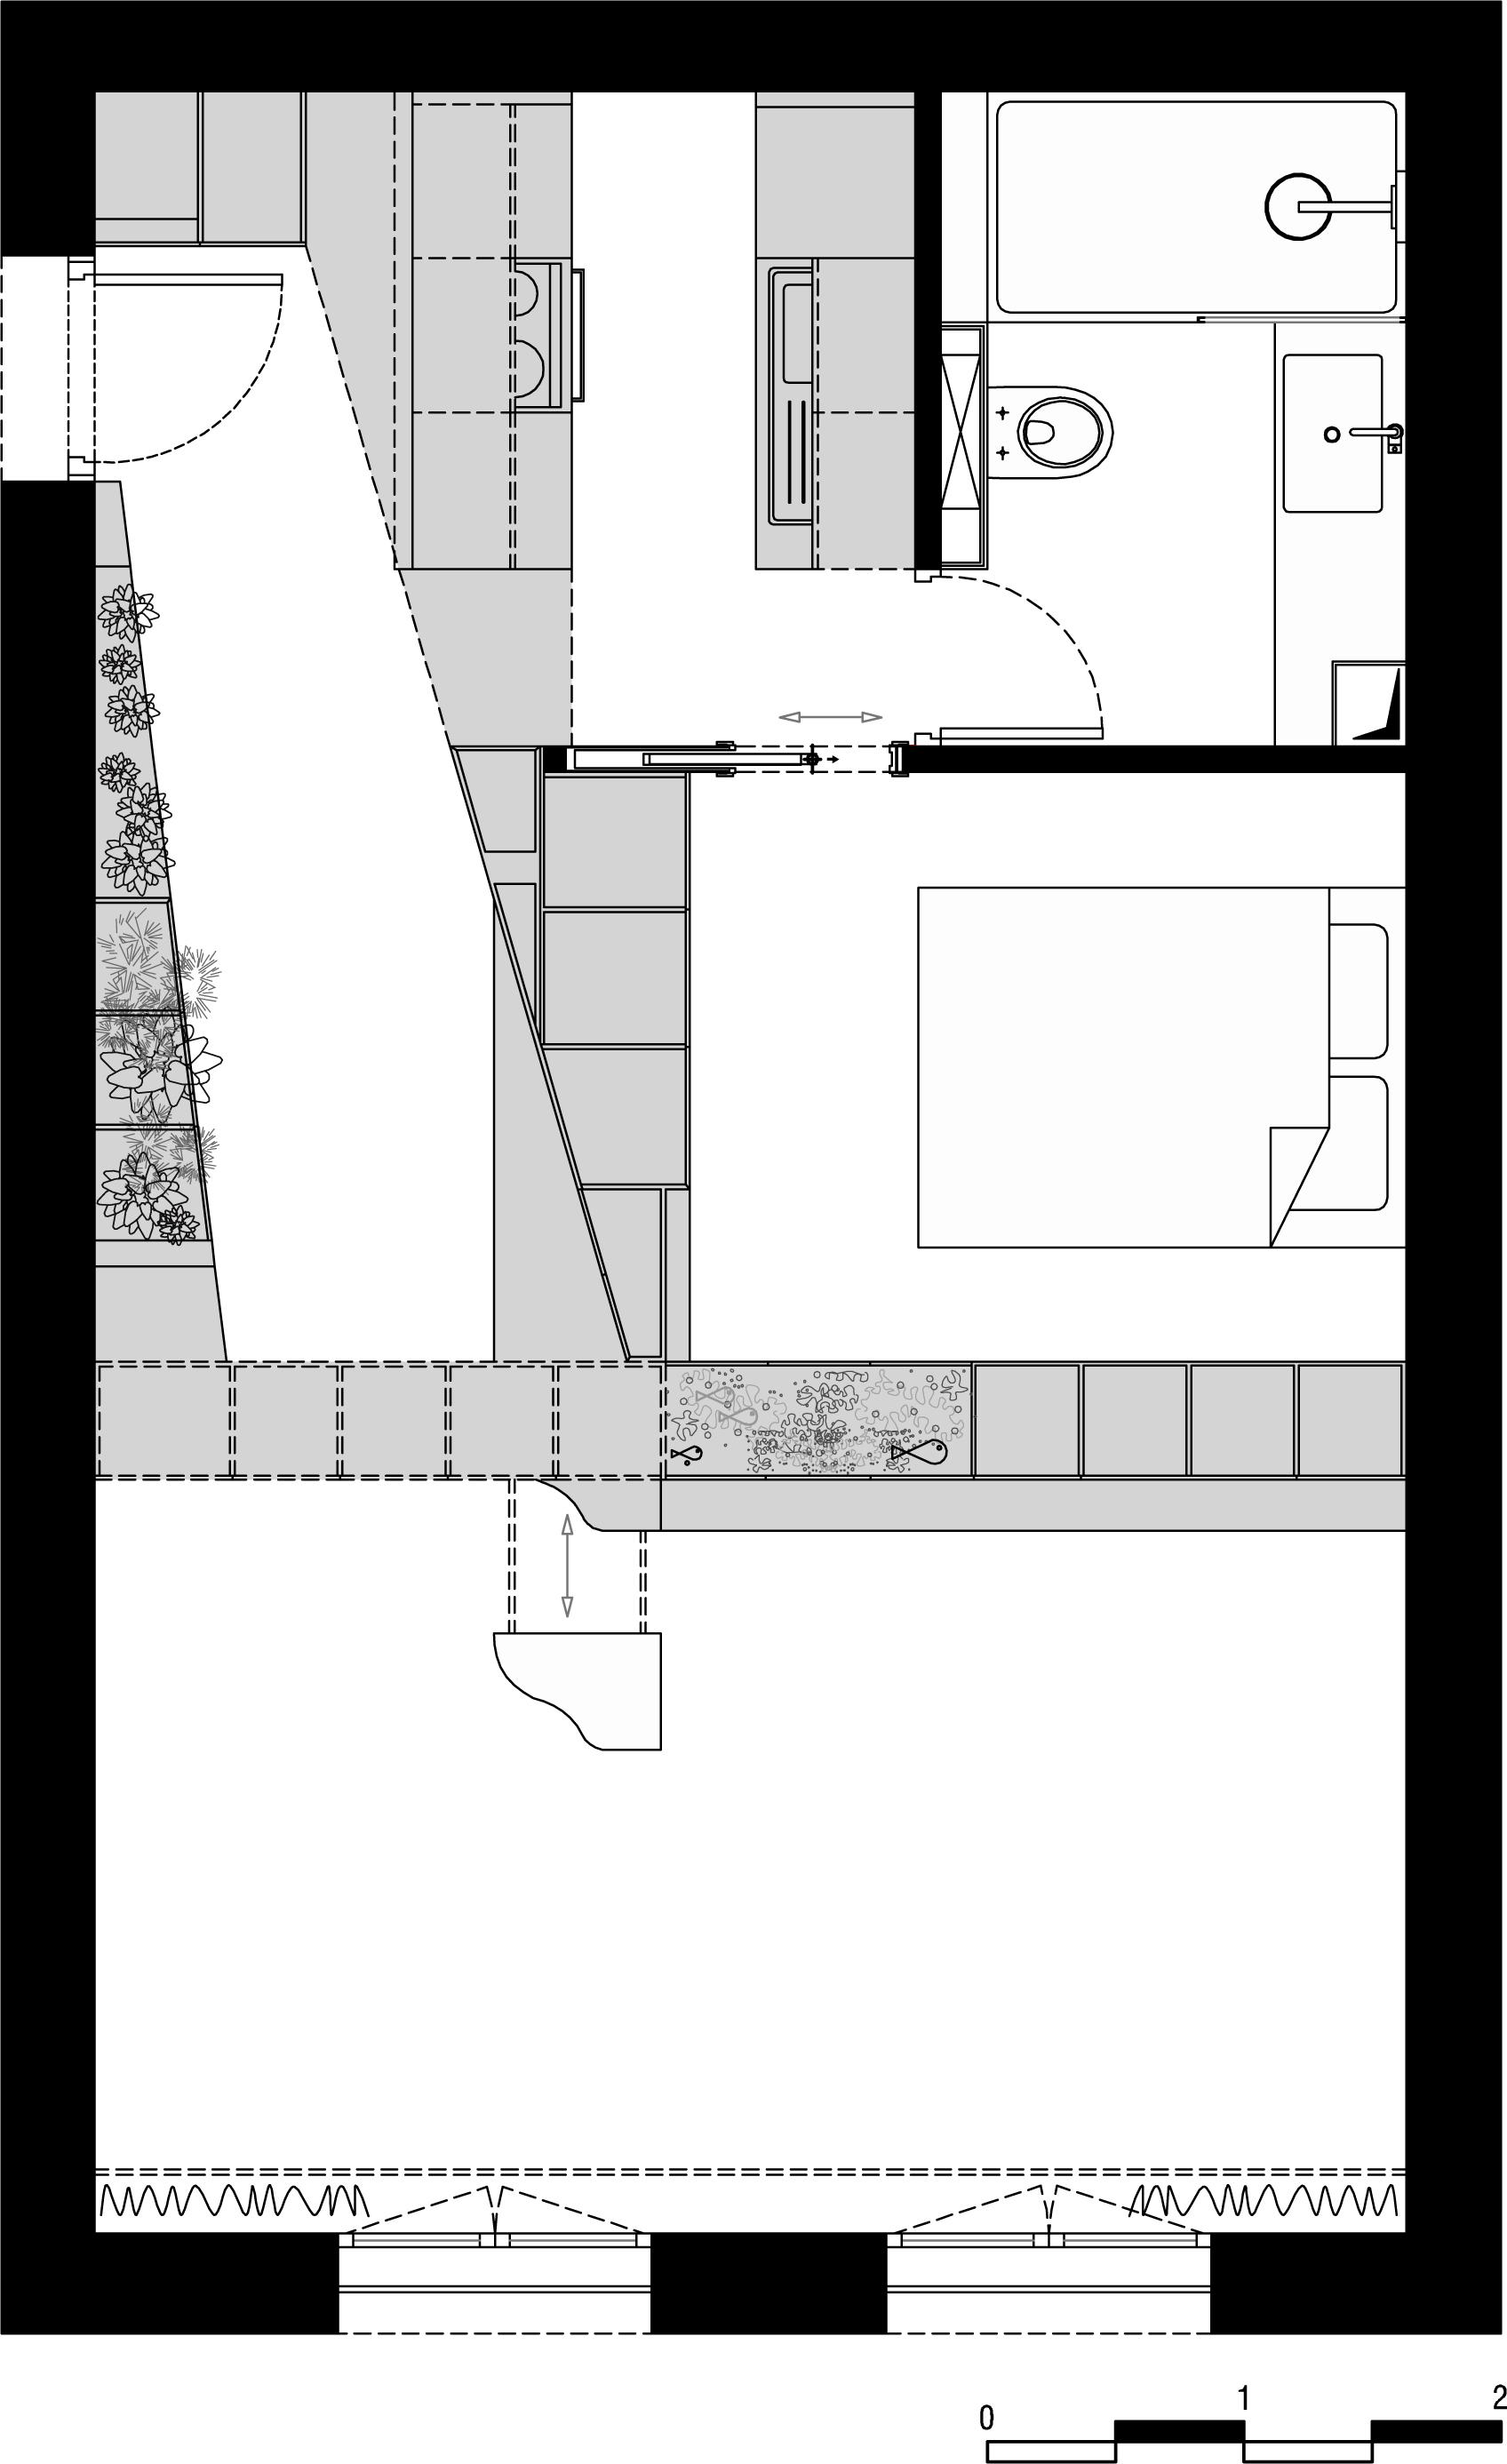 E:ARCHIATELIER JMCA�1-PROJETS�27-APT ARQUEBUSIERS6-Communic